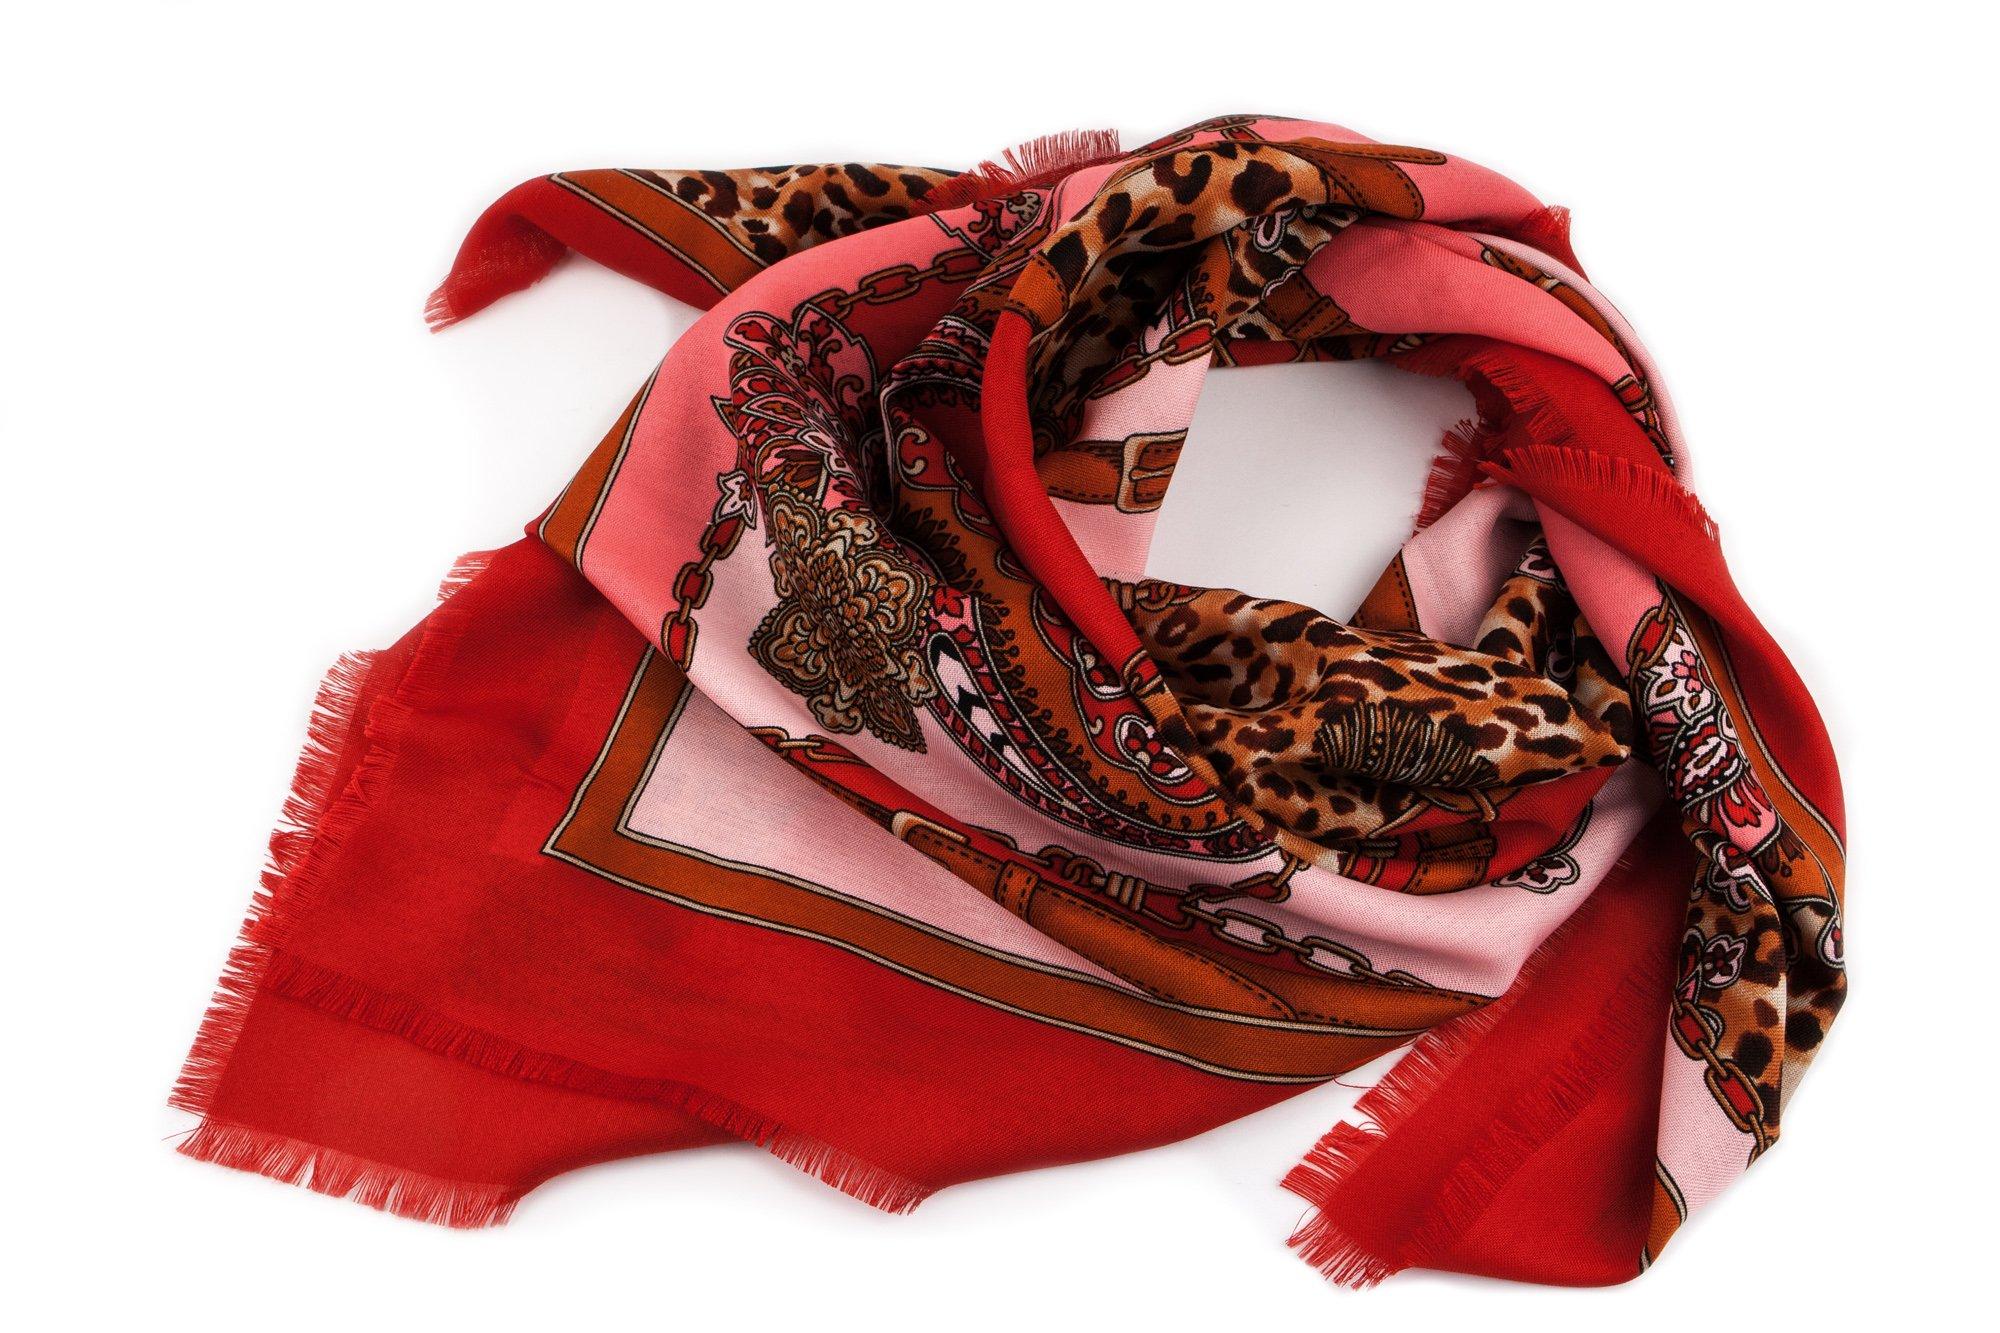 022d8bfefbbe04 Czerwona chusta w cętki i łańcuchy. PROMOCJA! 7276864131 - Allegro.pl